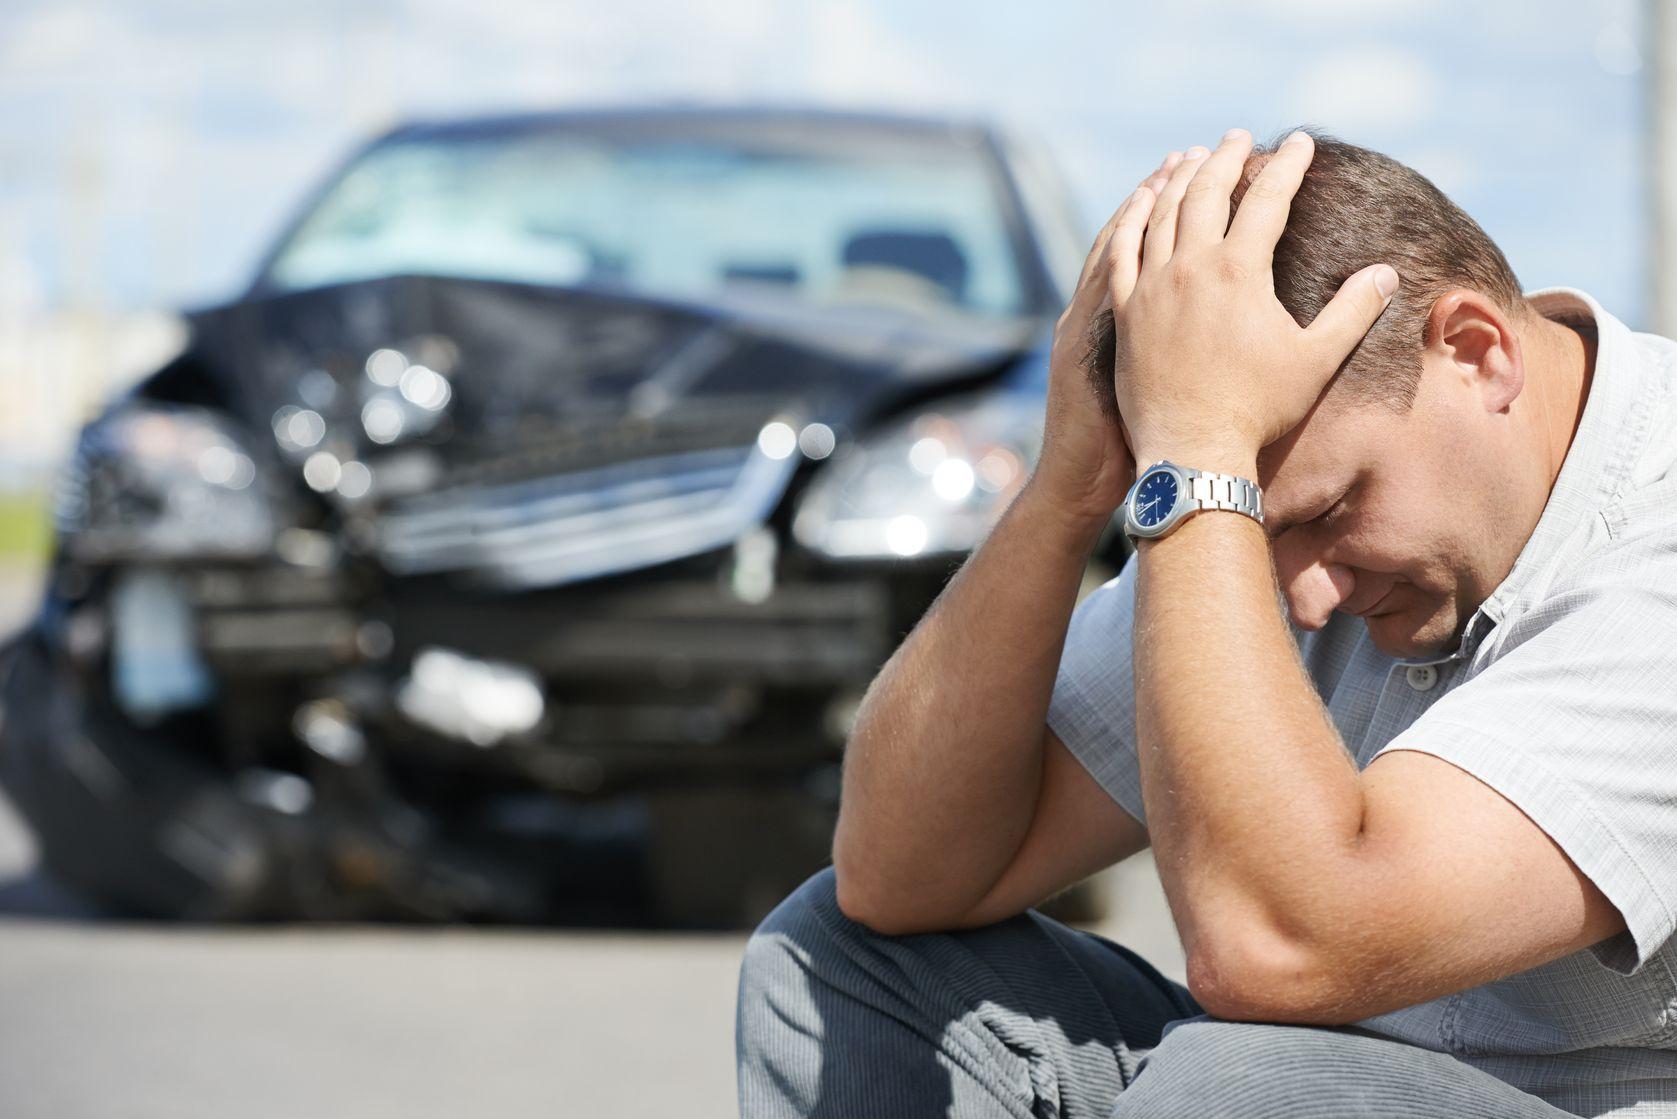 Ответственность водителя при ДТП. Как избежать регрессного иска от страховиков? Советы юриста